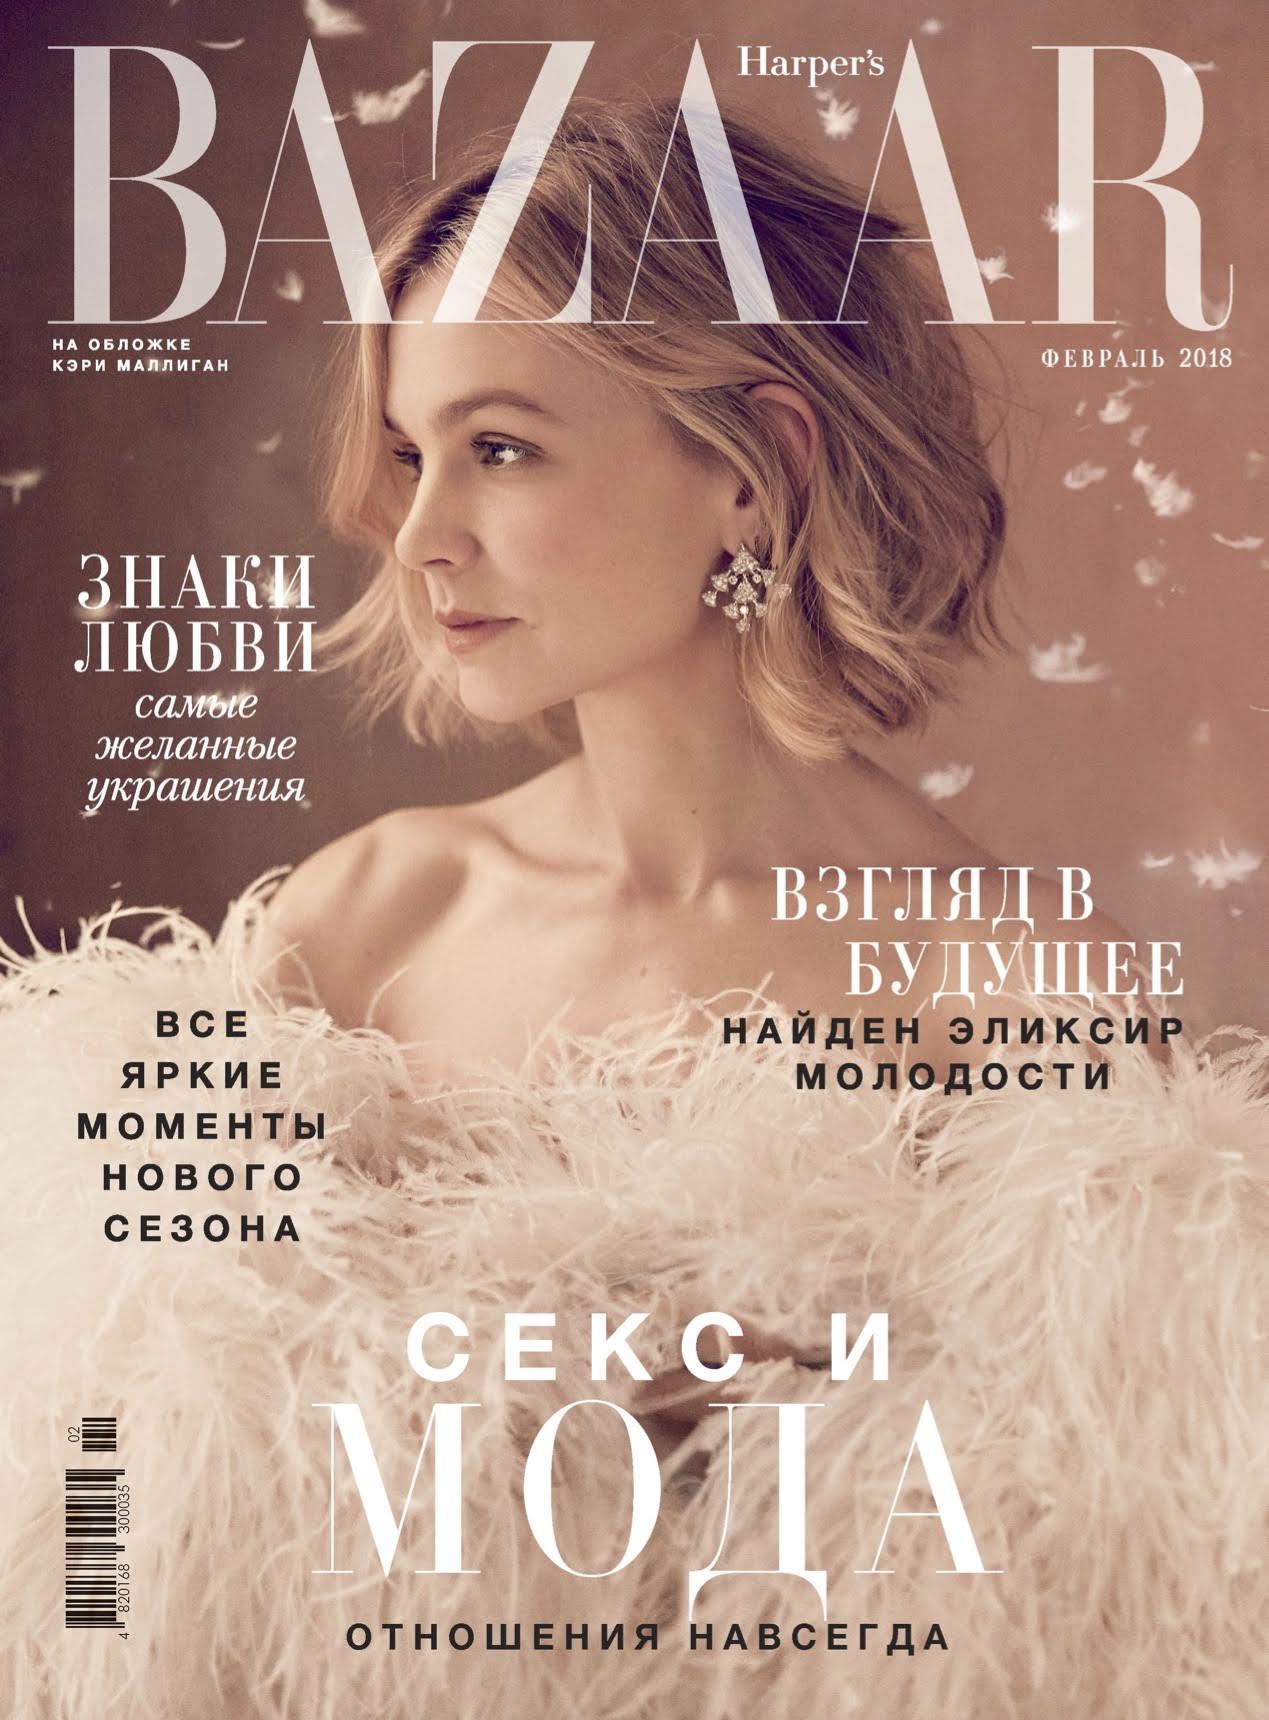 Harper's Bazaar Ukraine Cover